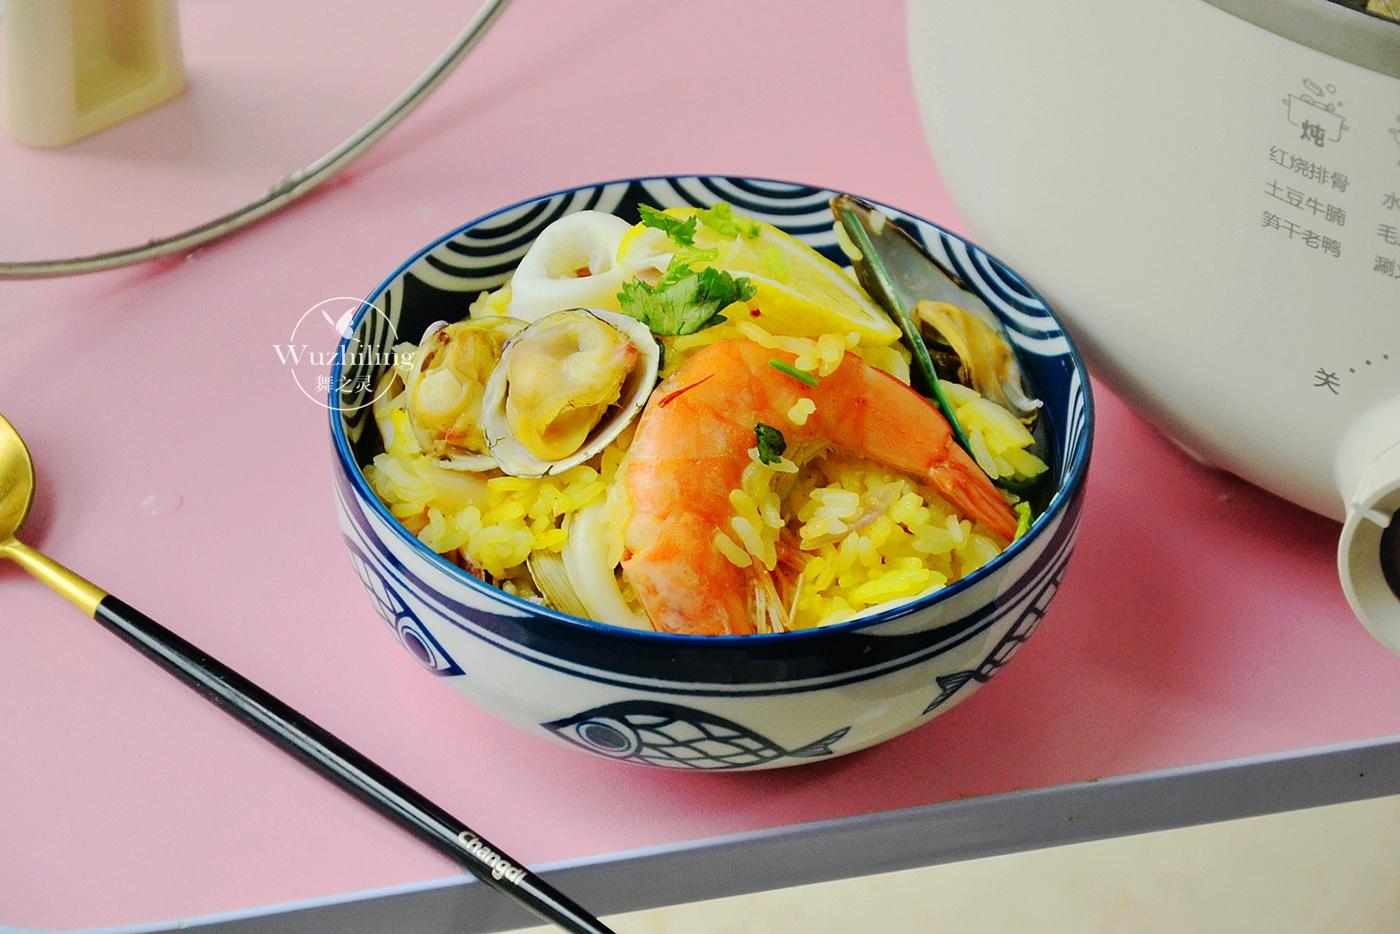 别再单吃米饭了,加点材料,鲜美更营养,一锅全家不够吃